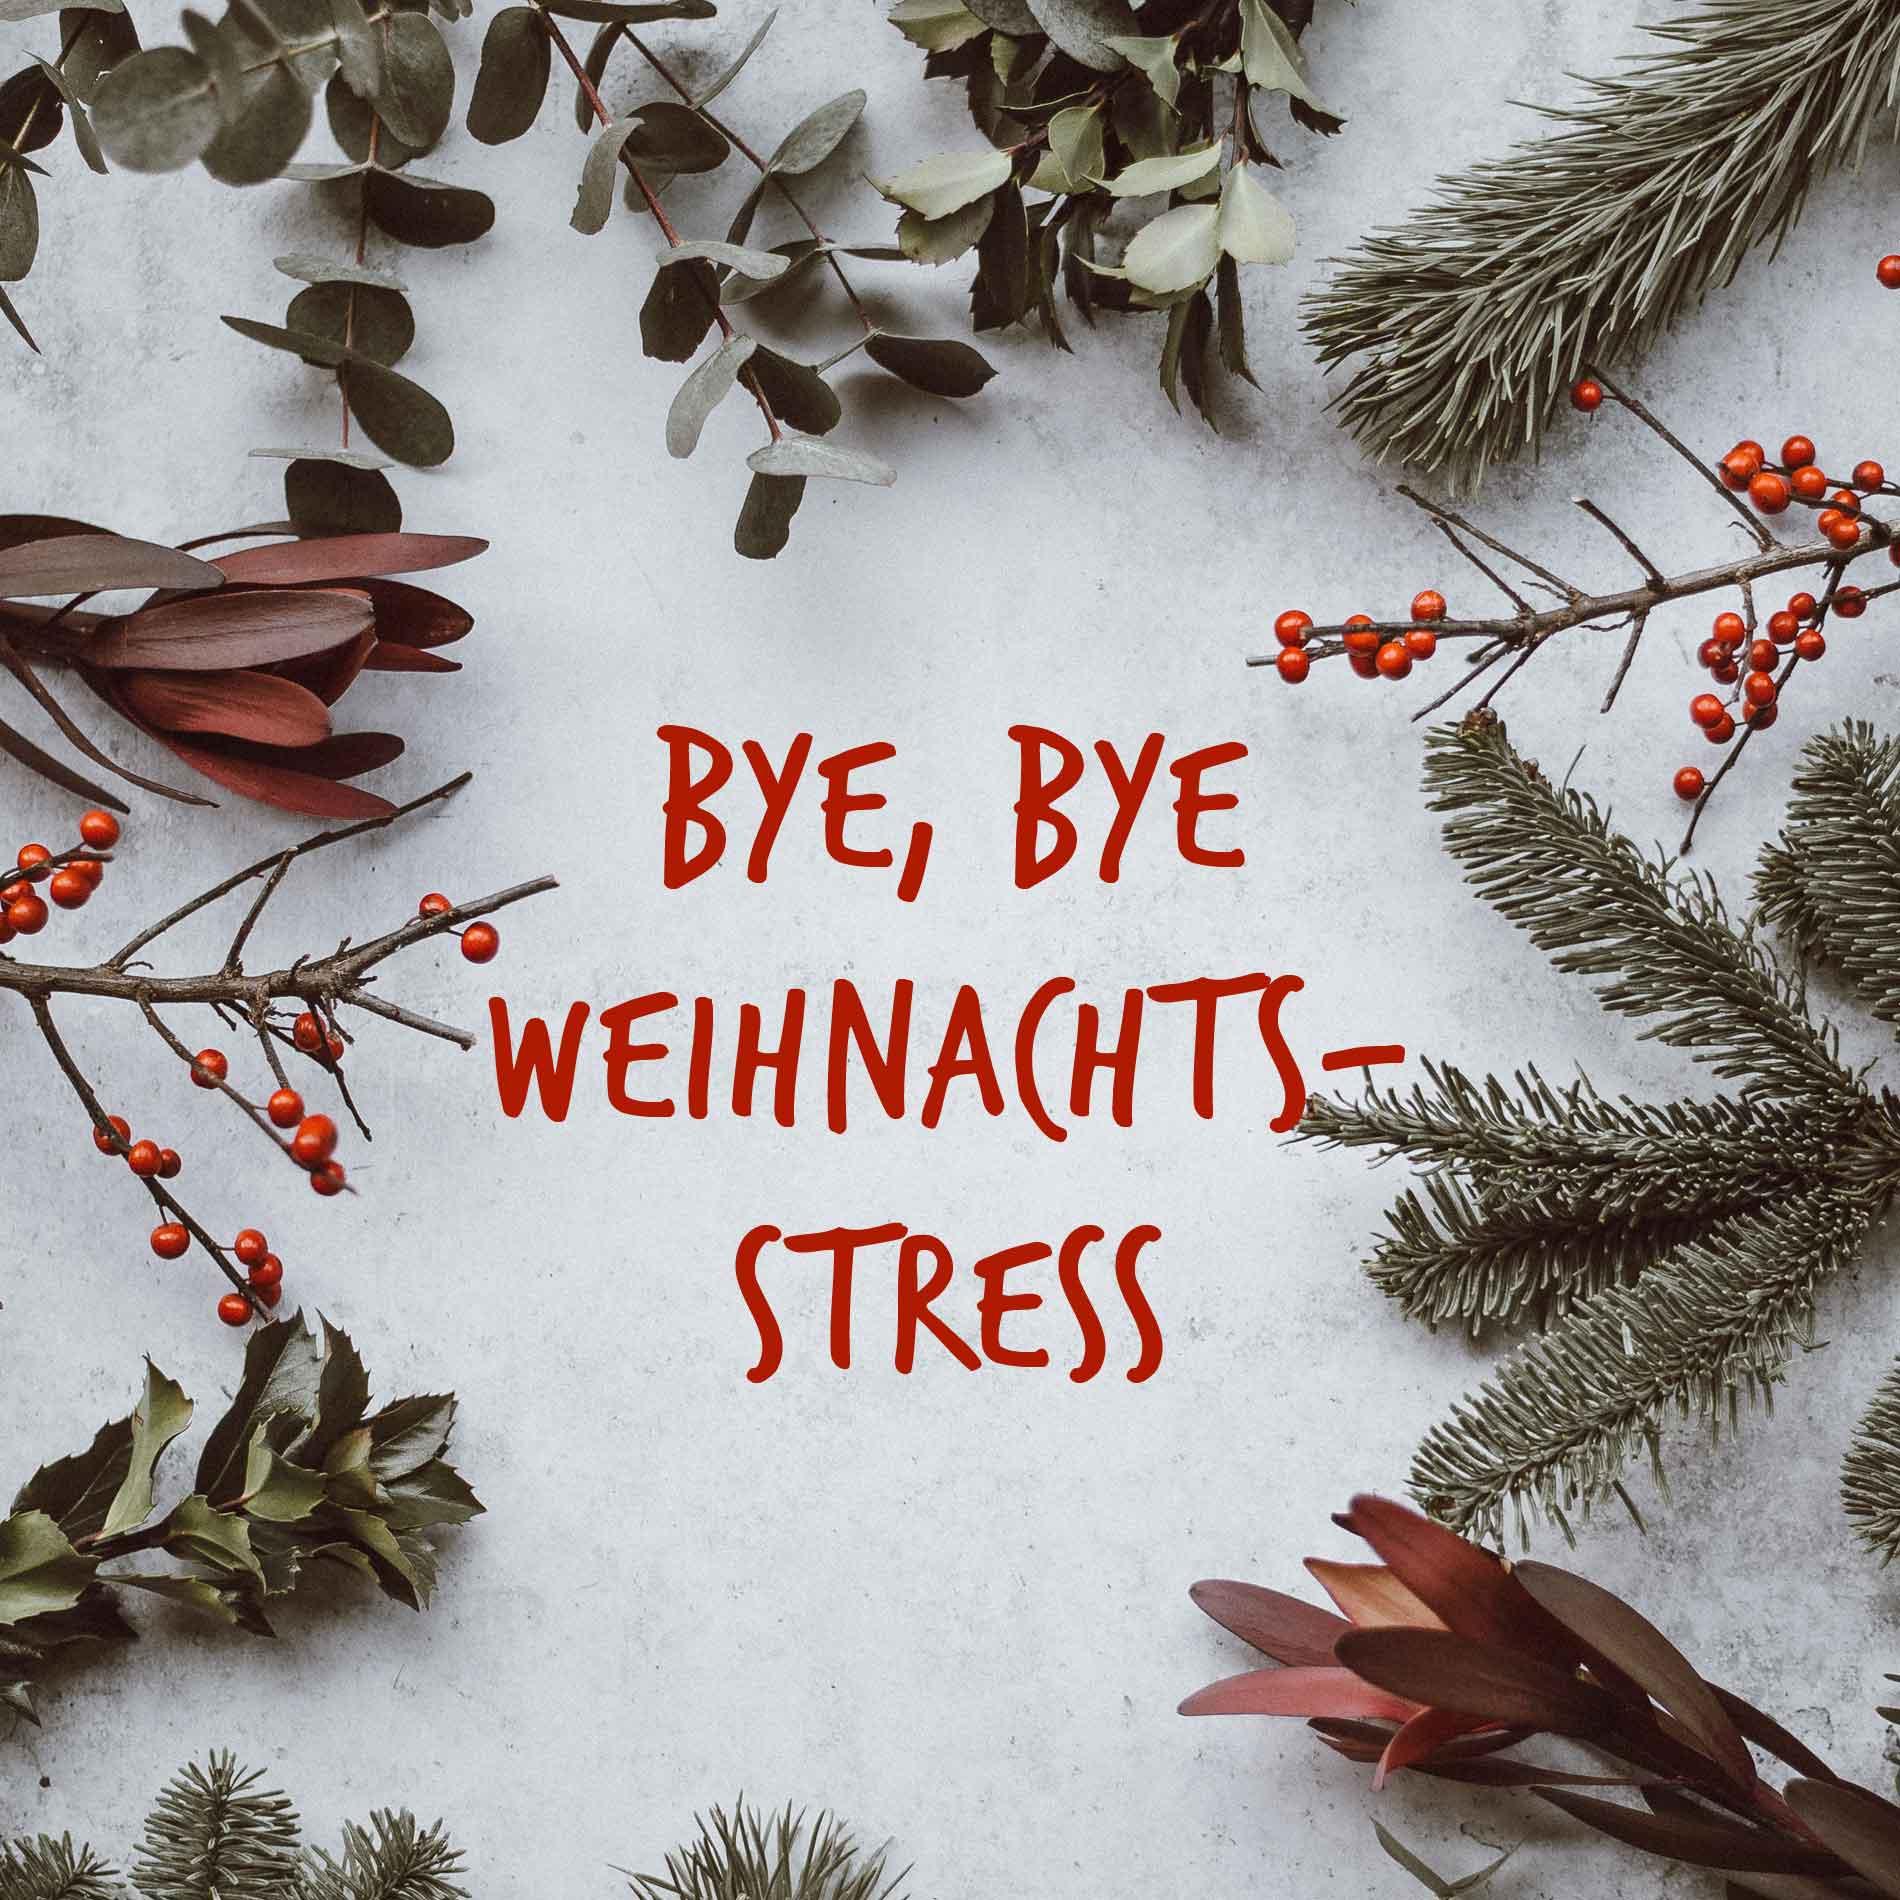 Bye, bye Weihnachtsstress, stressfreie Weihnachten, Tipps gegen Stress, Weihnachtzeit, entspannte Weihnachtszeit, Weihnachten genießen, Wohlfühlen, Wohlbefinden